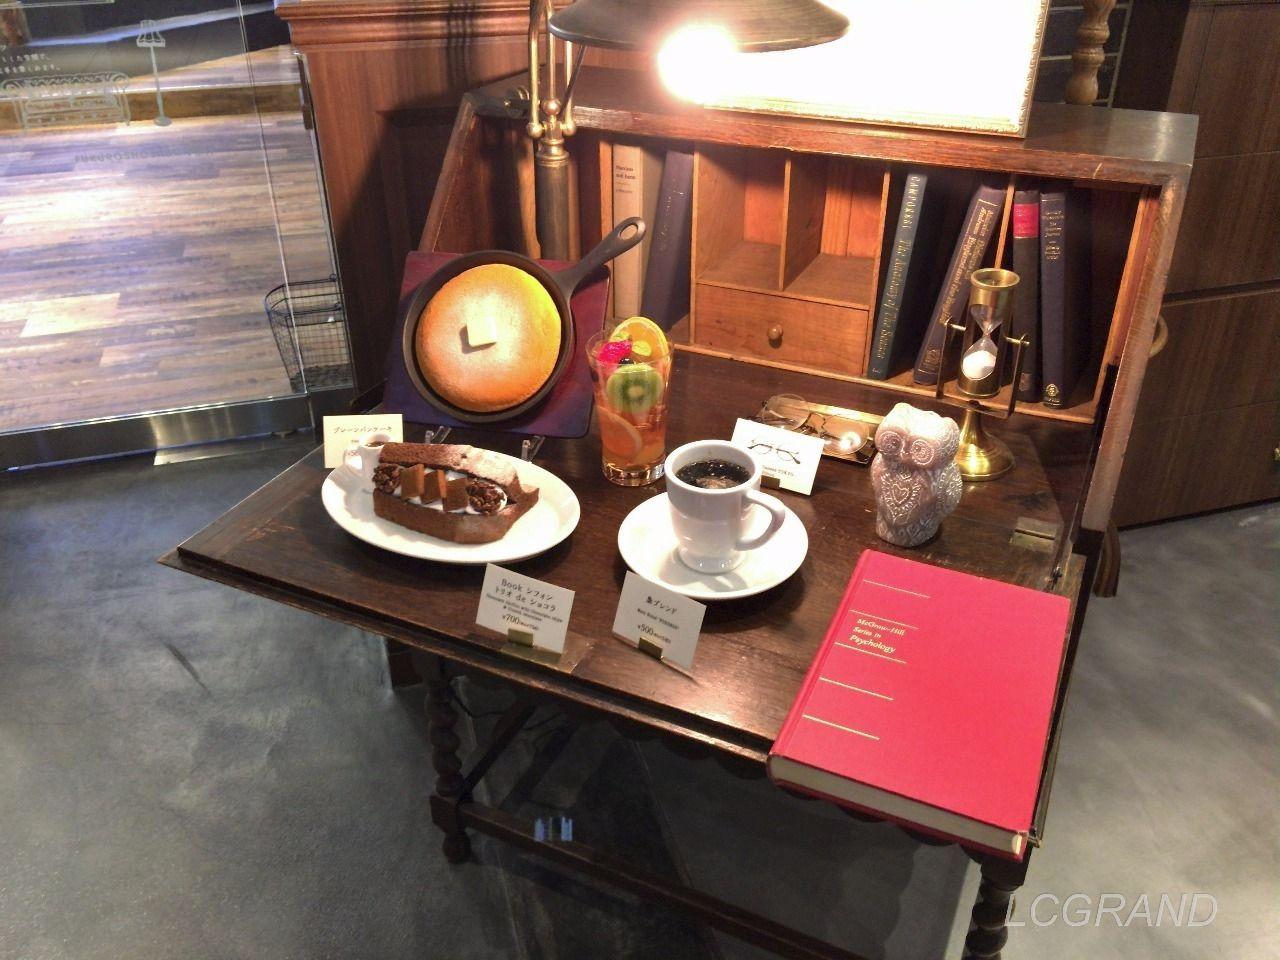 店のイメージに合った梟書茶房の食品サンプルのディスプレイ